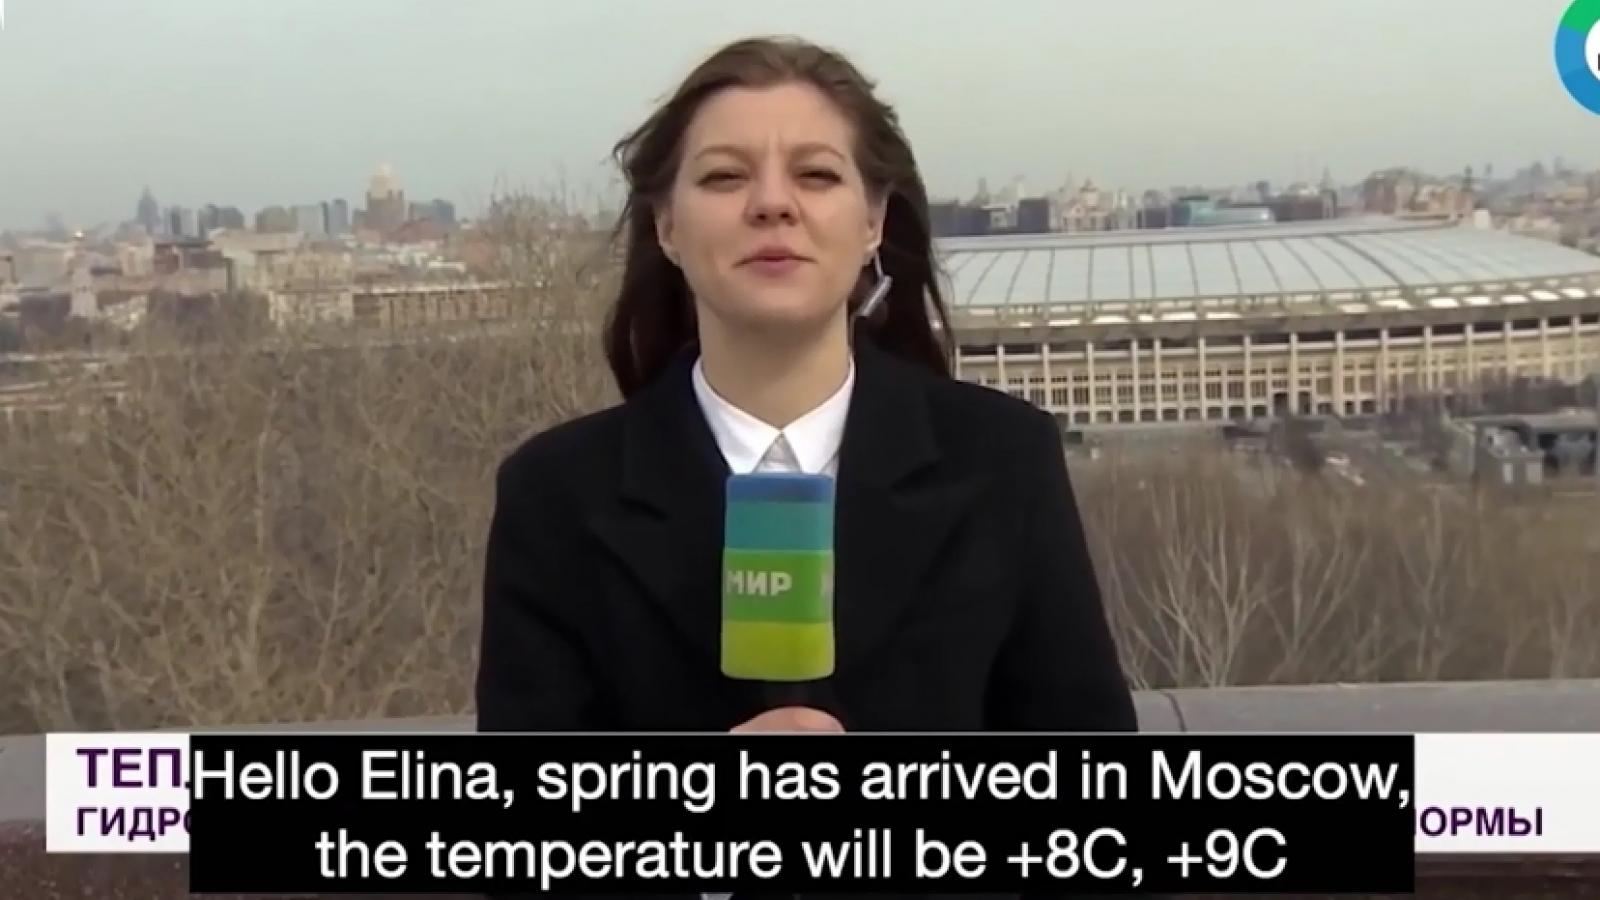 Video: Chú chó đớp micro của phóng viên đang đưa tin trực tiếp